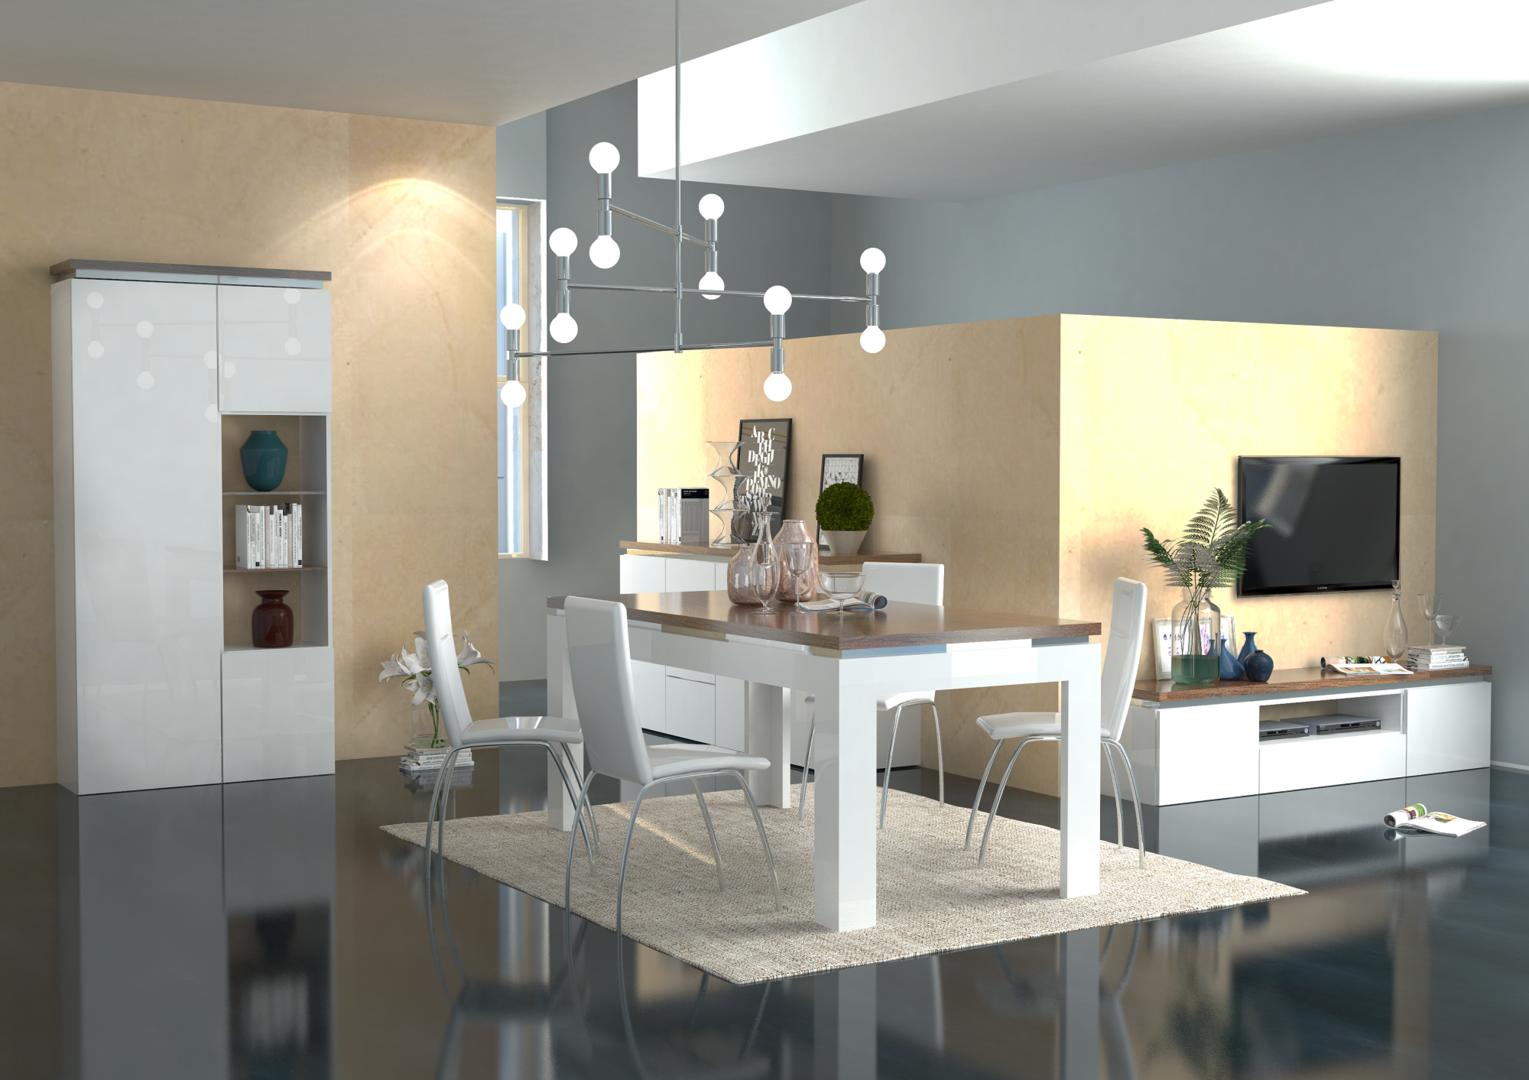 Tavolo moderno bianco Messico, mobile per sala da pranzo, cucina